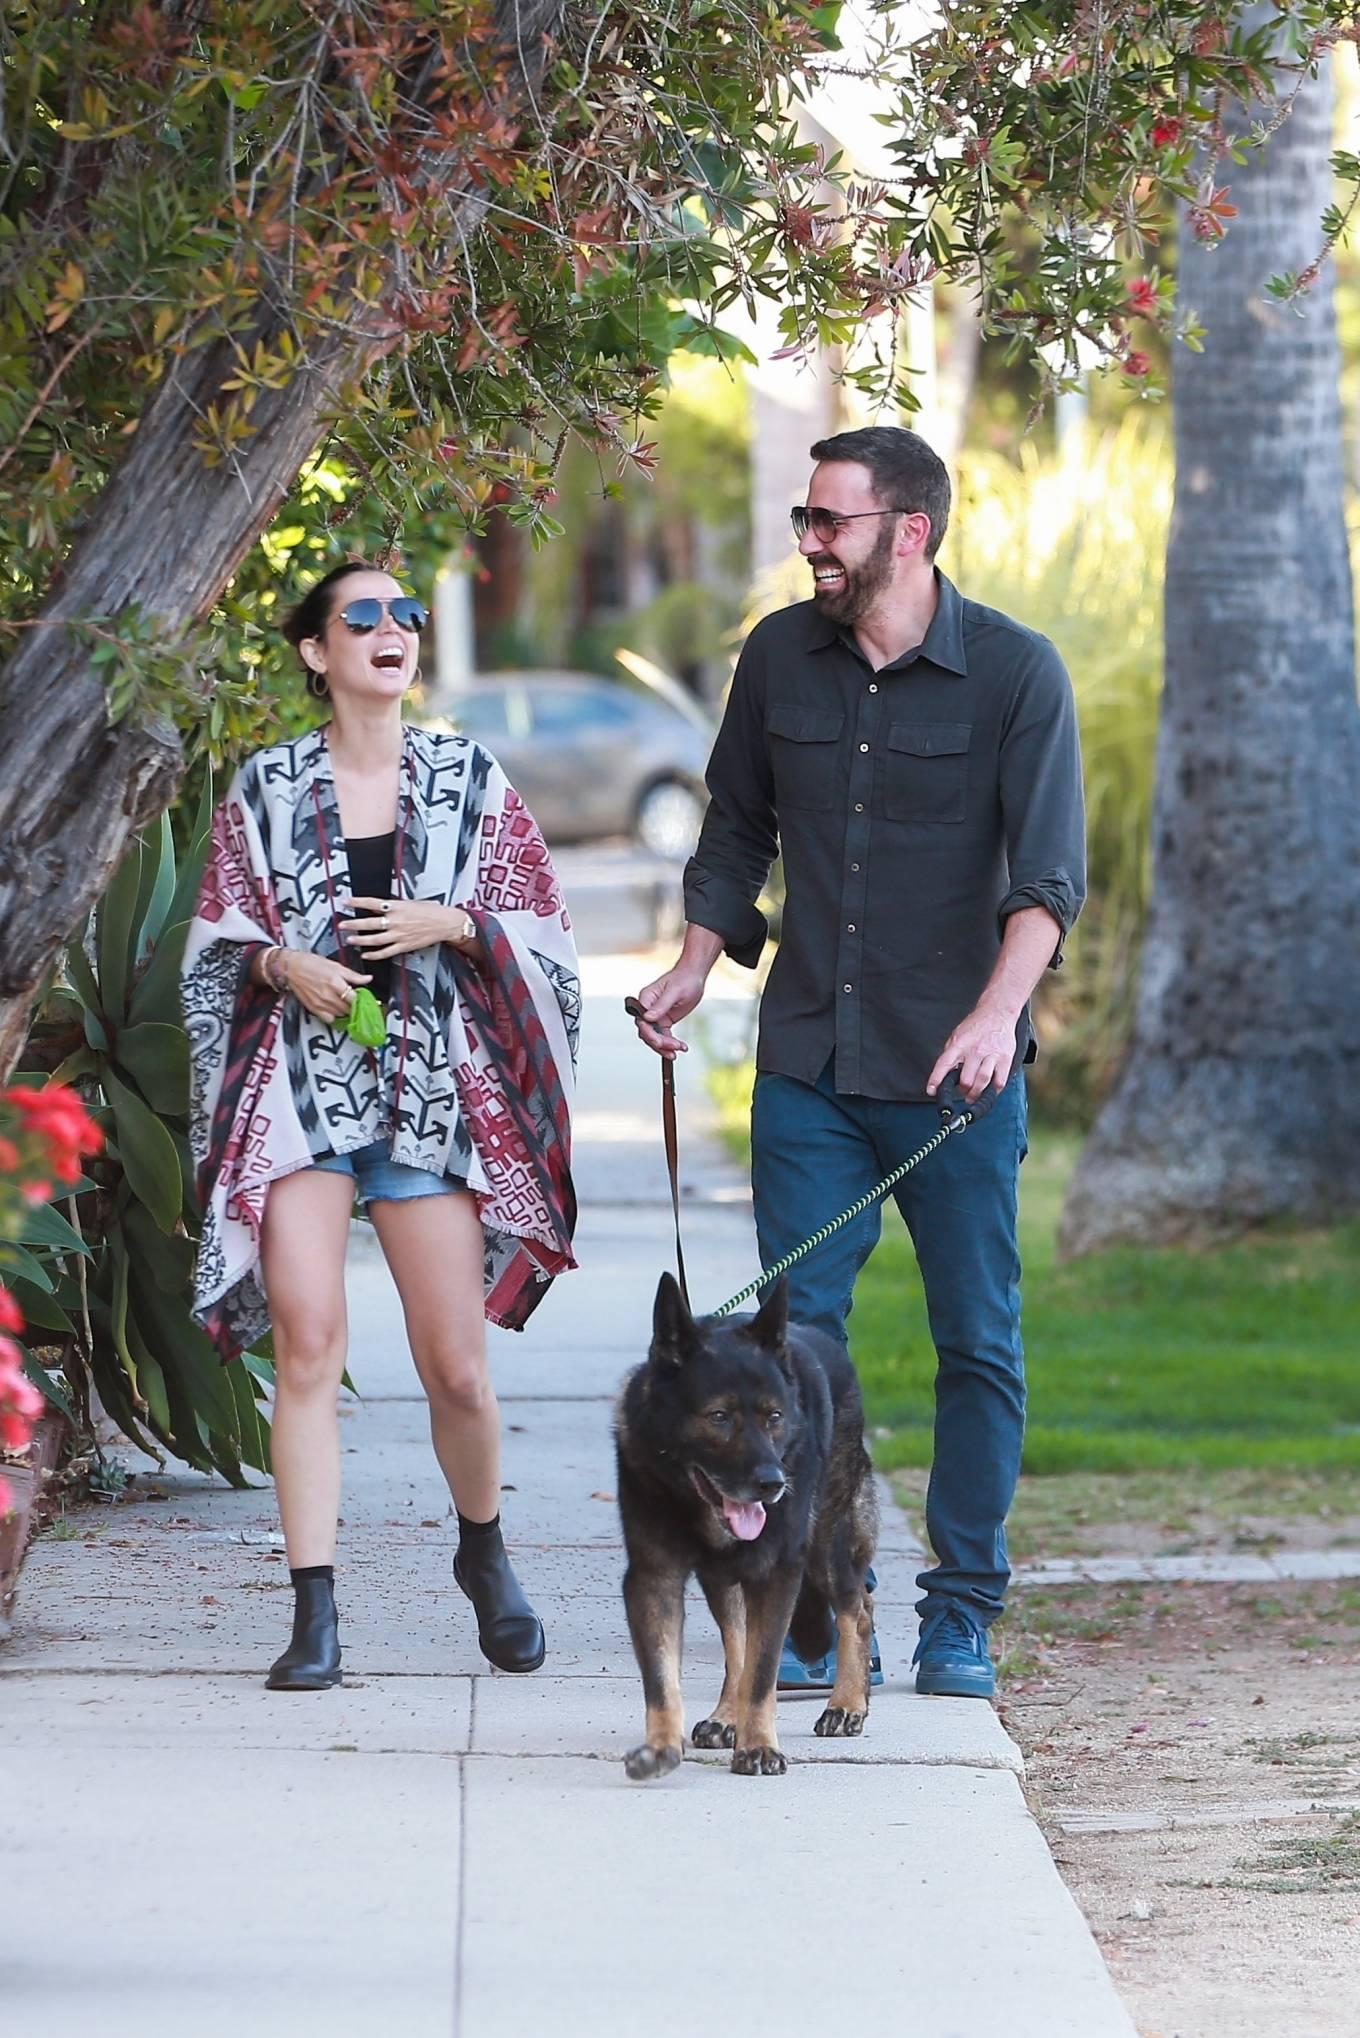 Ana De Armas with Ben Affleck - Spotted in neighborhood in Santa Monica